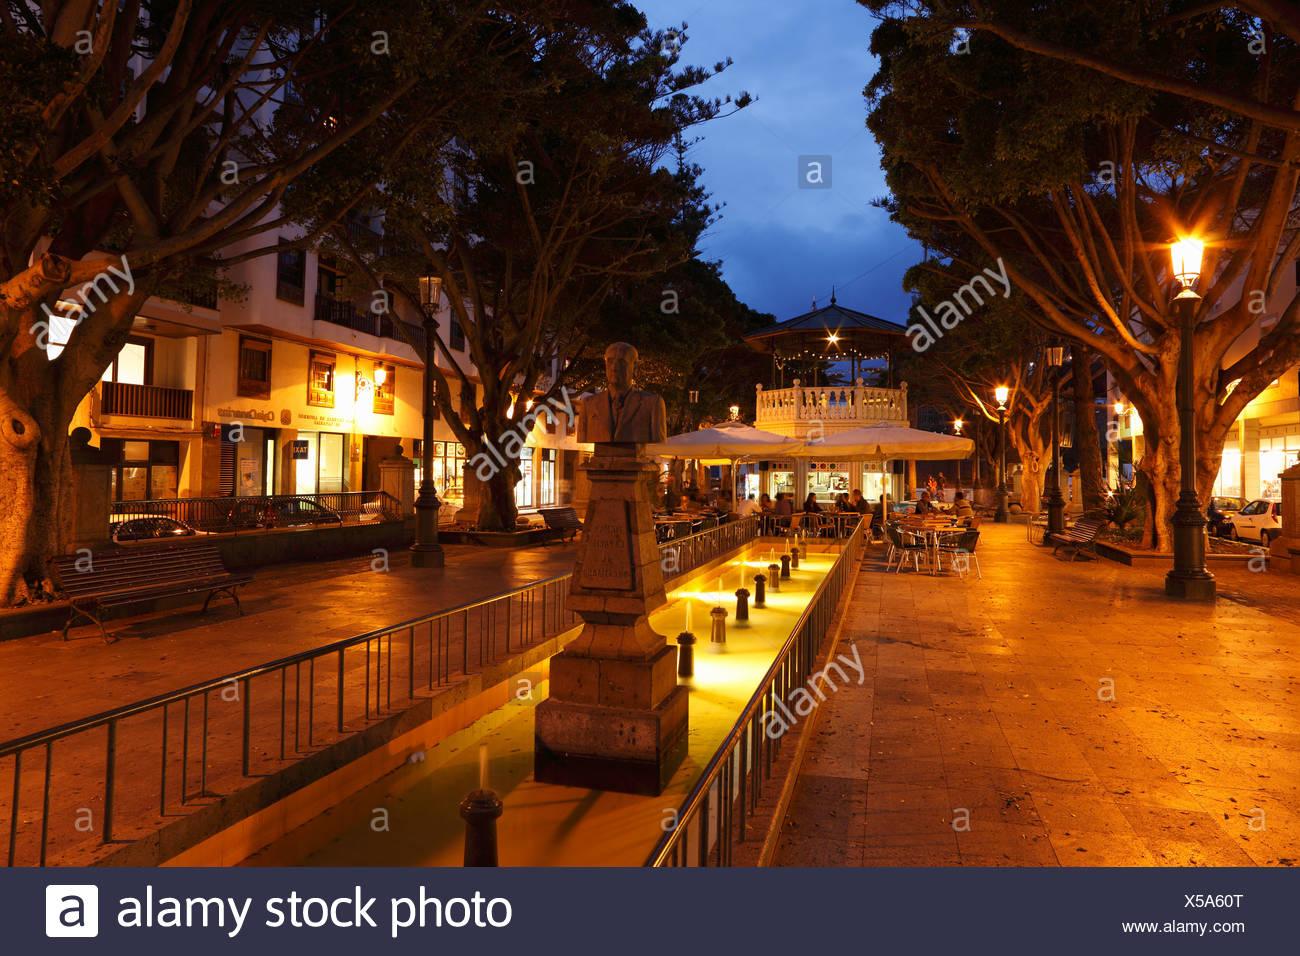 Alameda Plaza, memorial Dr Camacho, Santa Cruz de la Palma, La Palma, Canary Islands, Spain - Stock Image